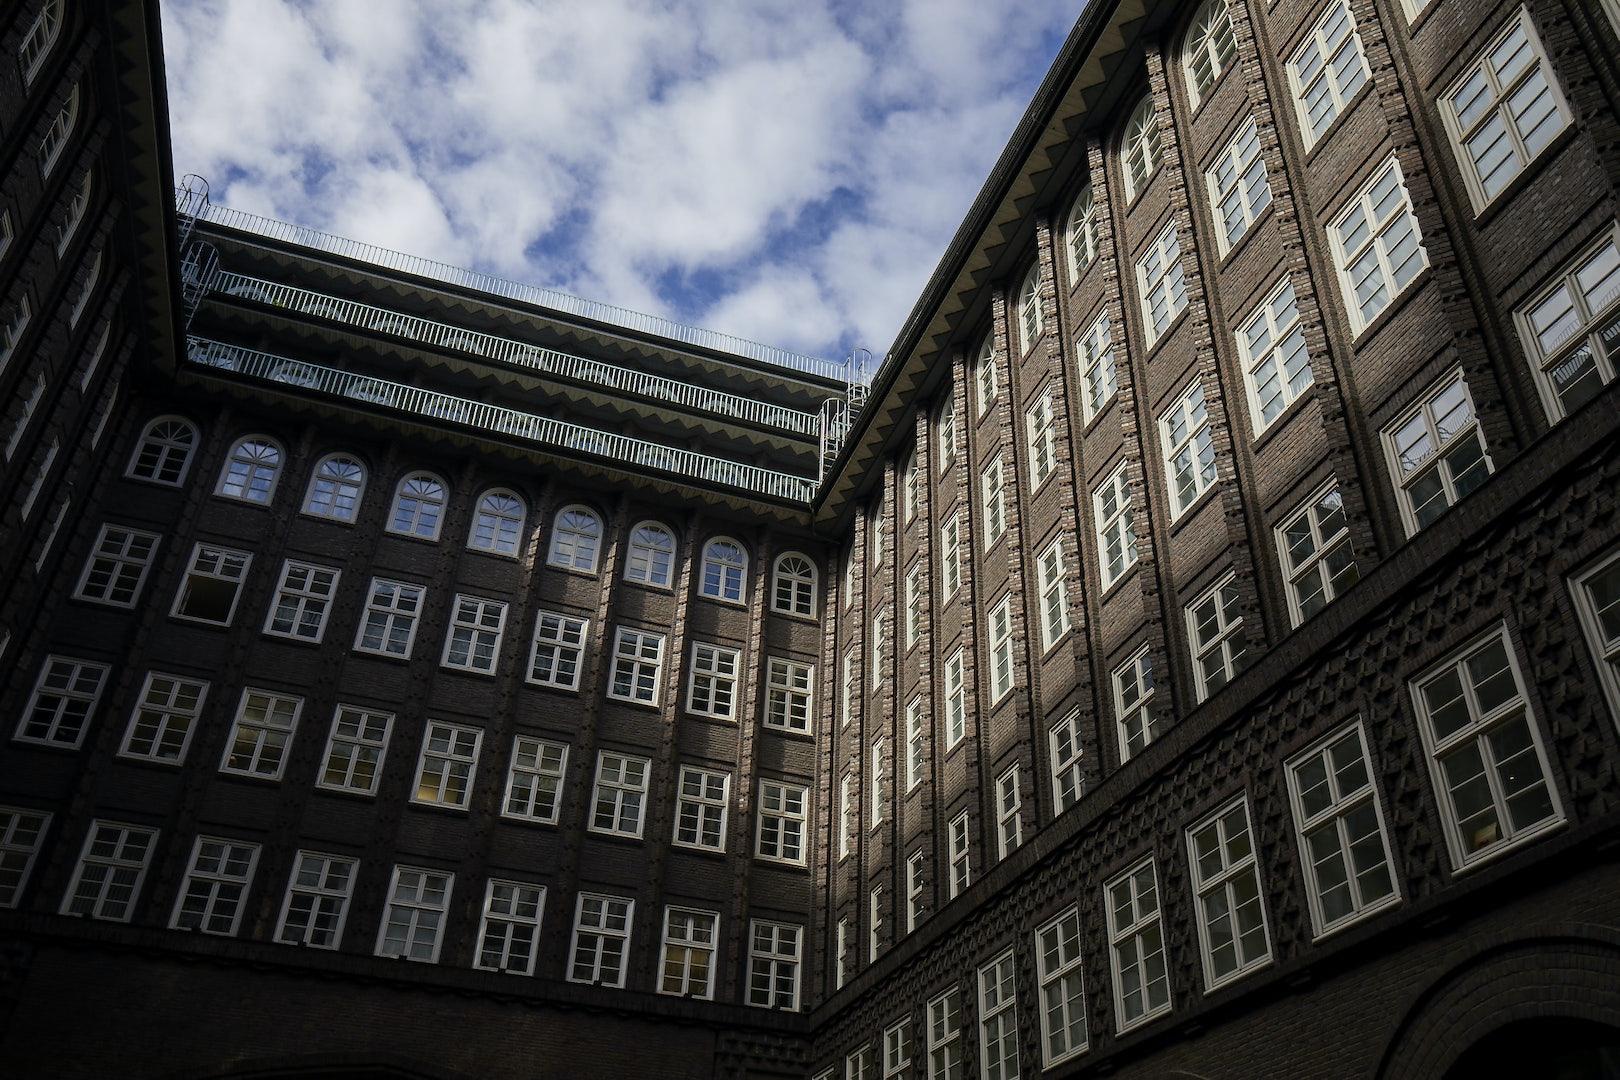 exterior of Bauhaus style Chilehaus in Hamburg